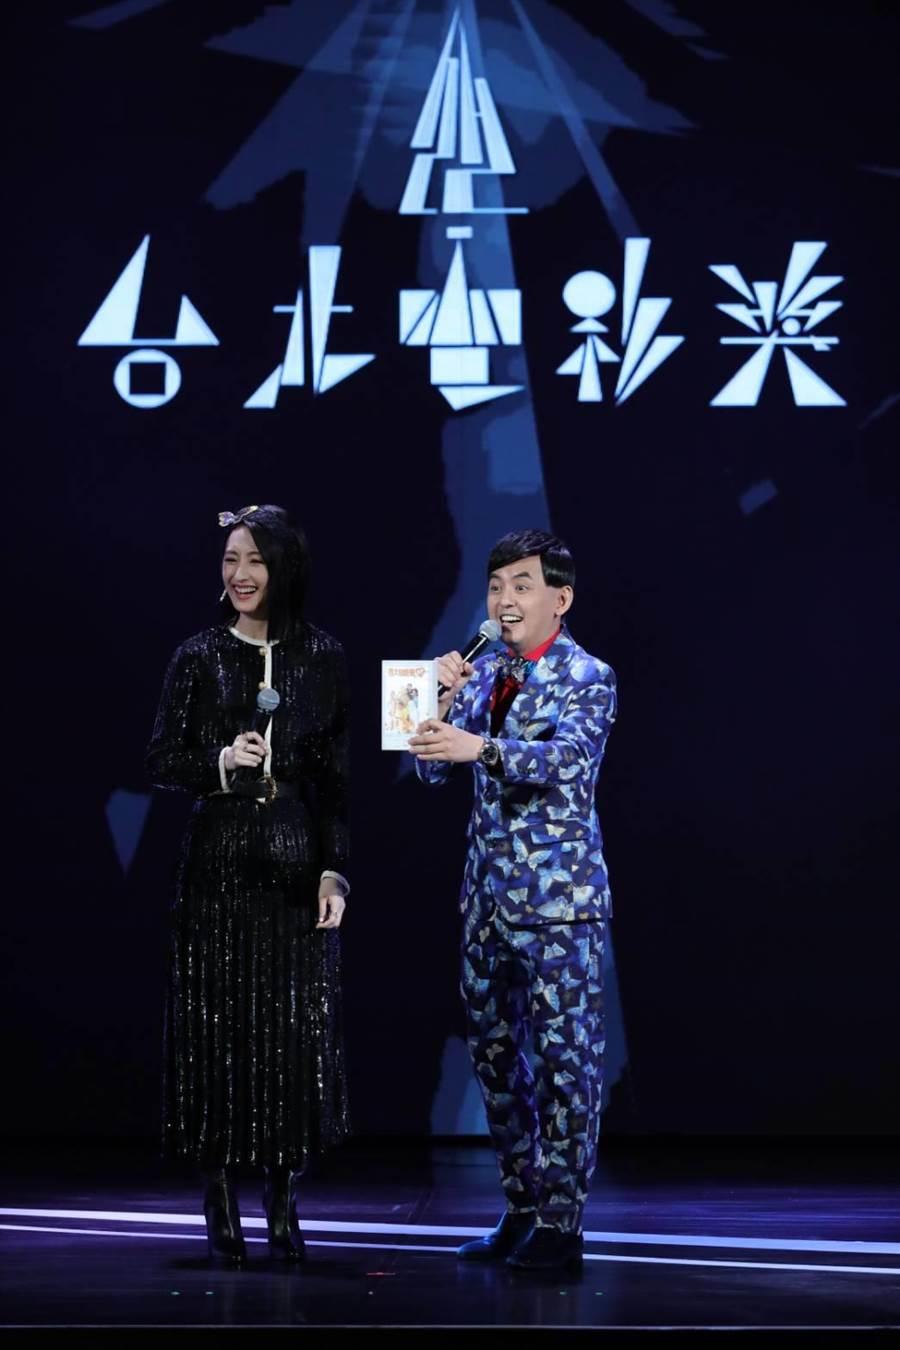 黄子佼携手柯佳嬿联手主持台北电影节颁奖典礼。(台北电影节提供)